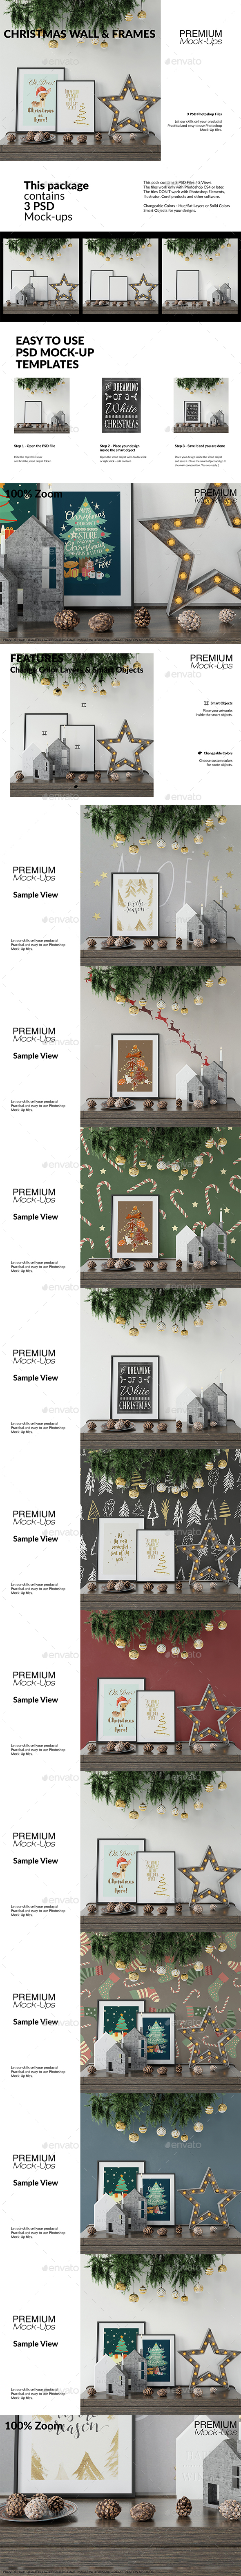 Christmas Frames & Wall Set - Print Product Mock-Ups